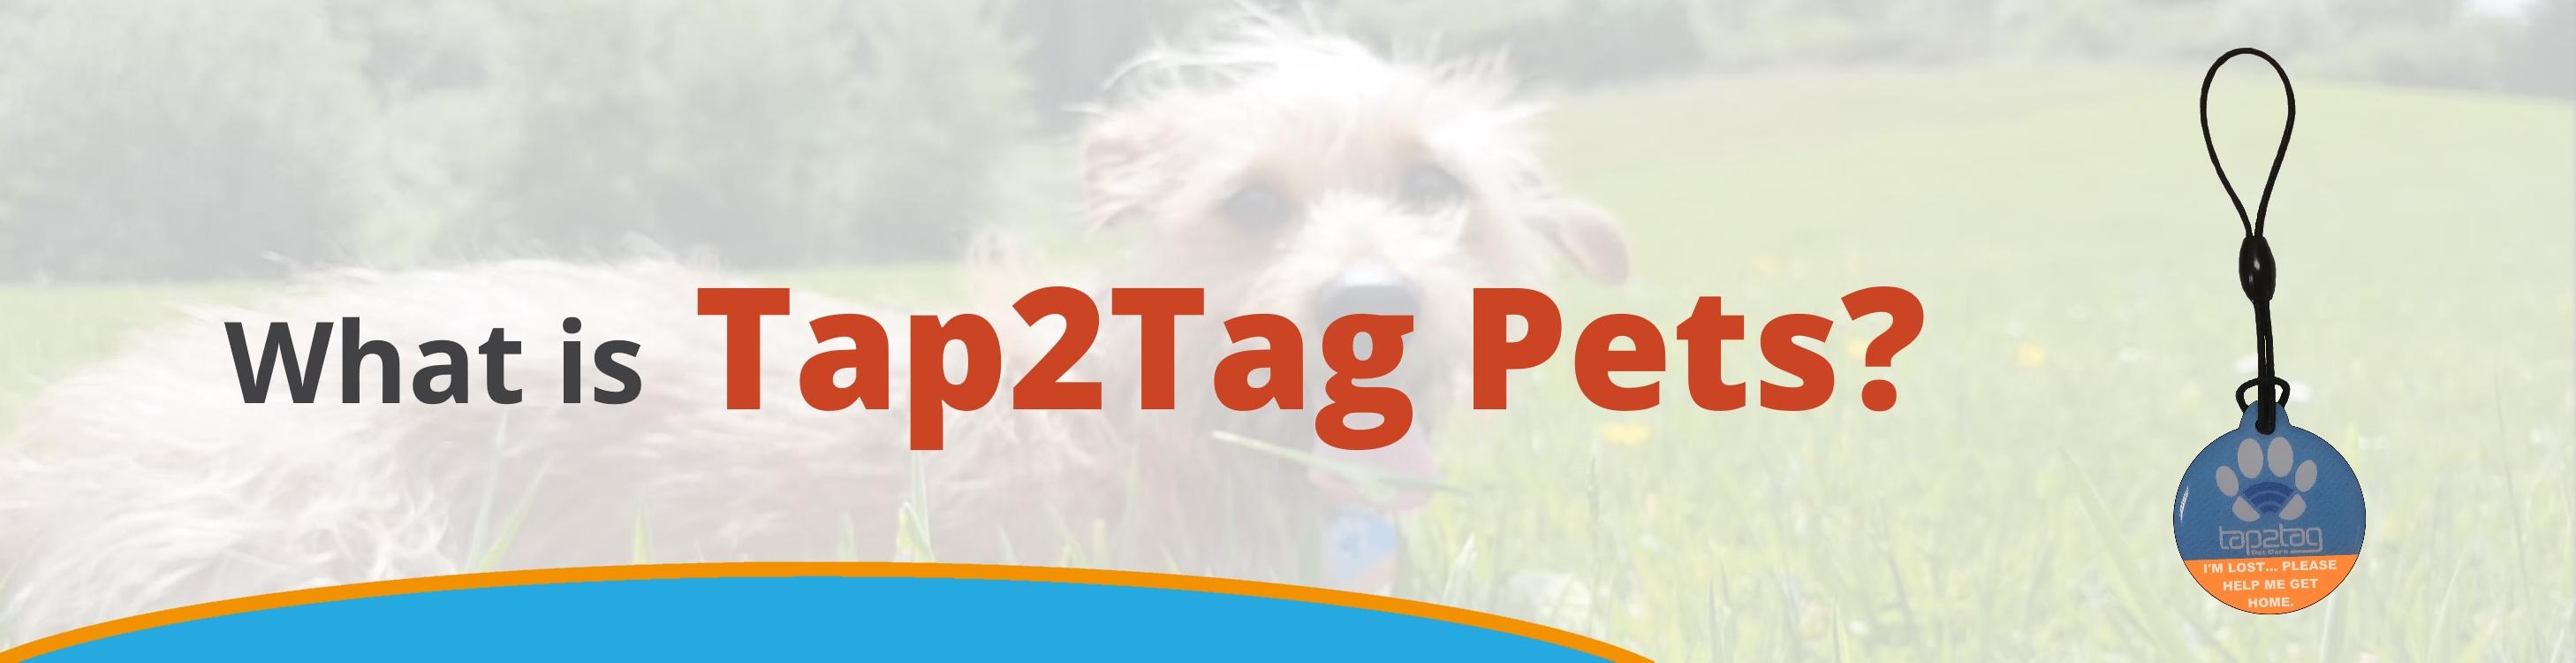 Tap2Tag Pets